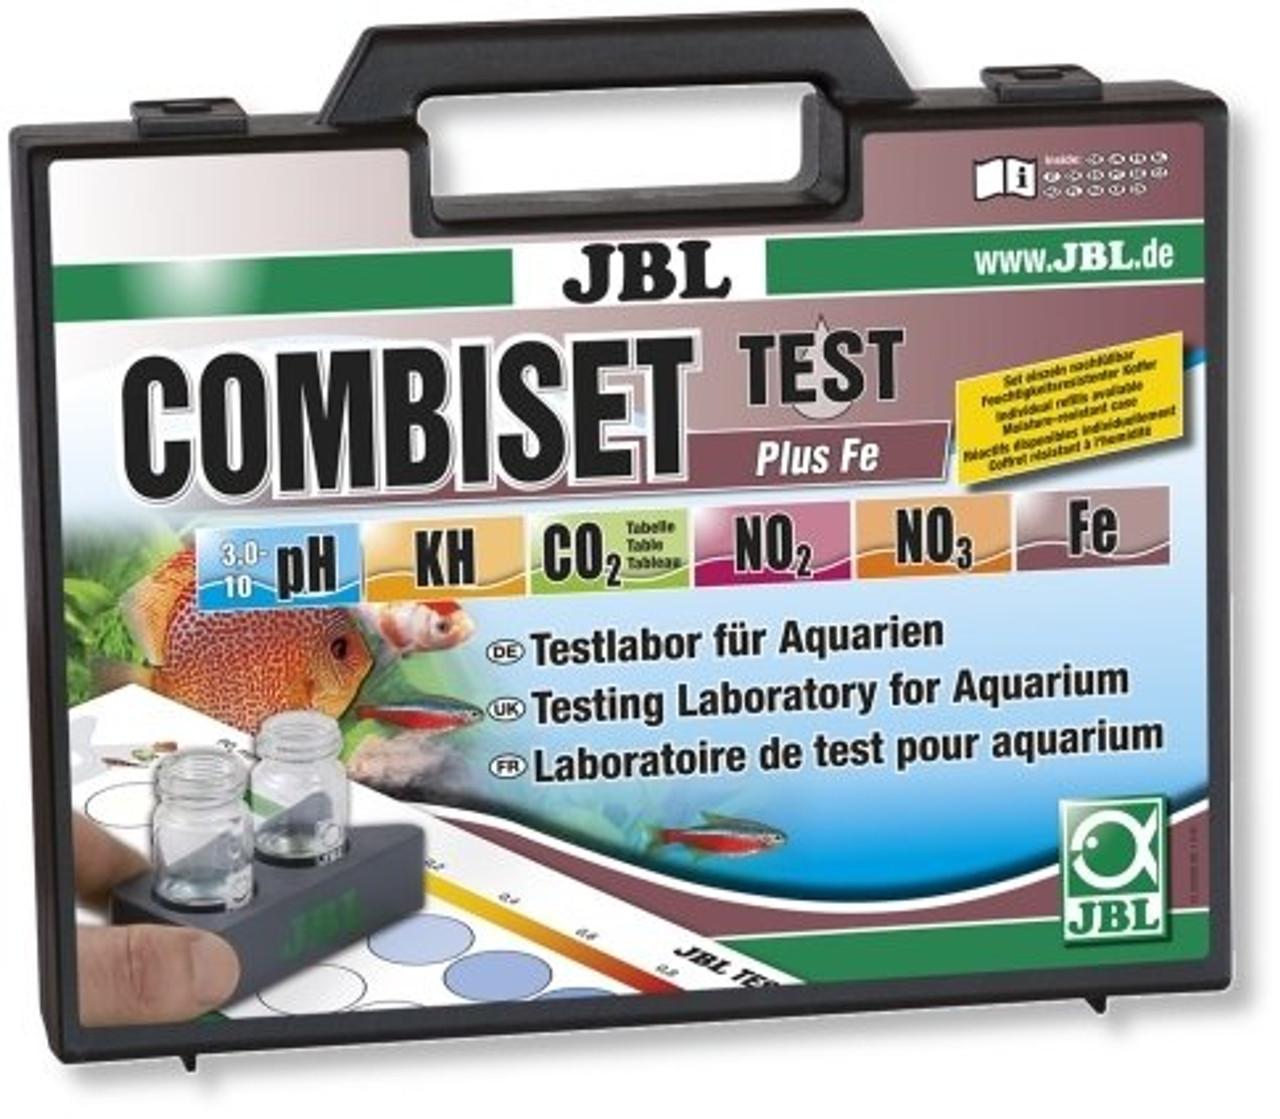 jbl-combiset__89350.1589831174.jpg?c=2